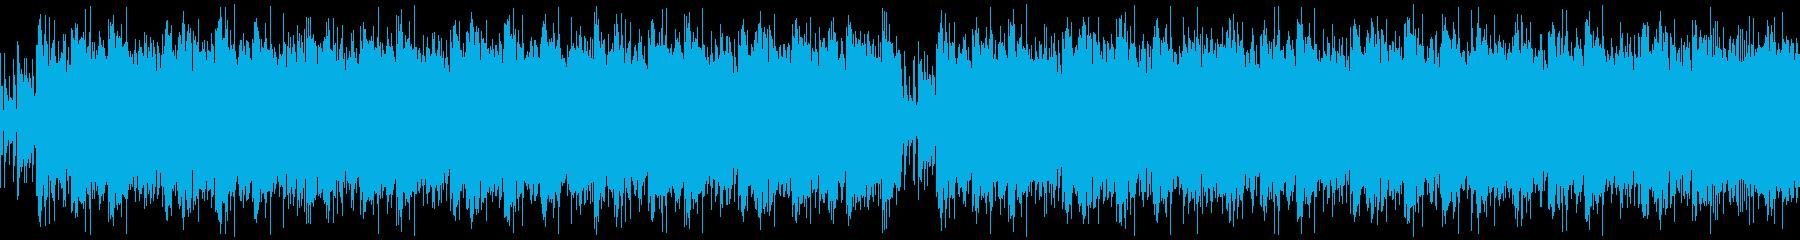 【メタルコア/バッキング/リフ/激】の再生済みの波形